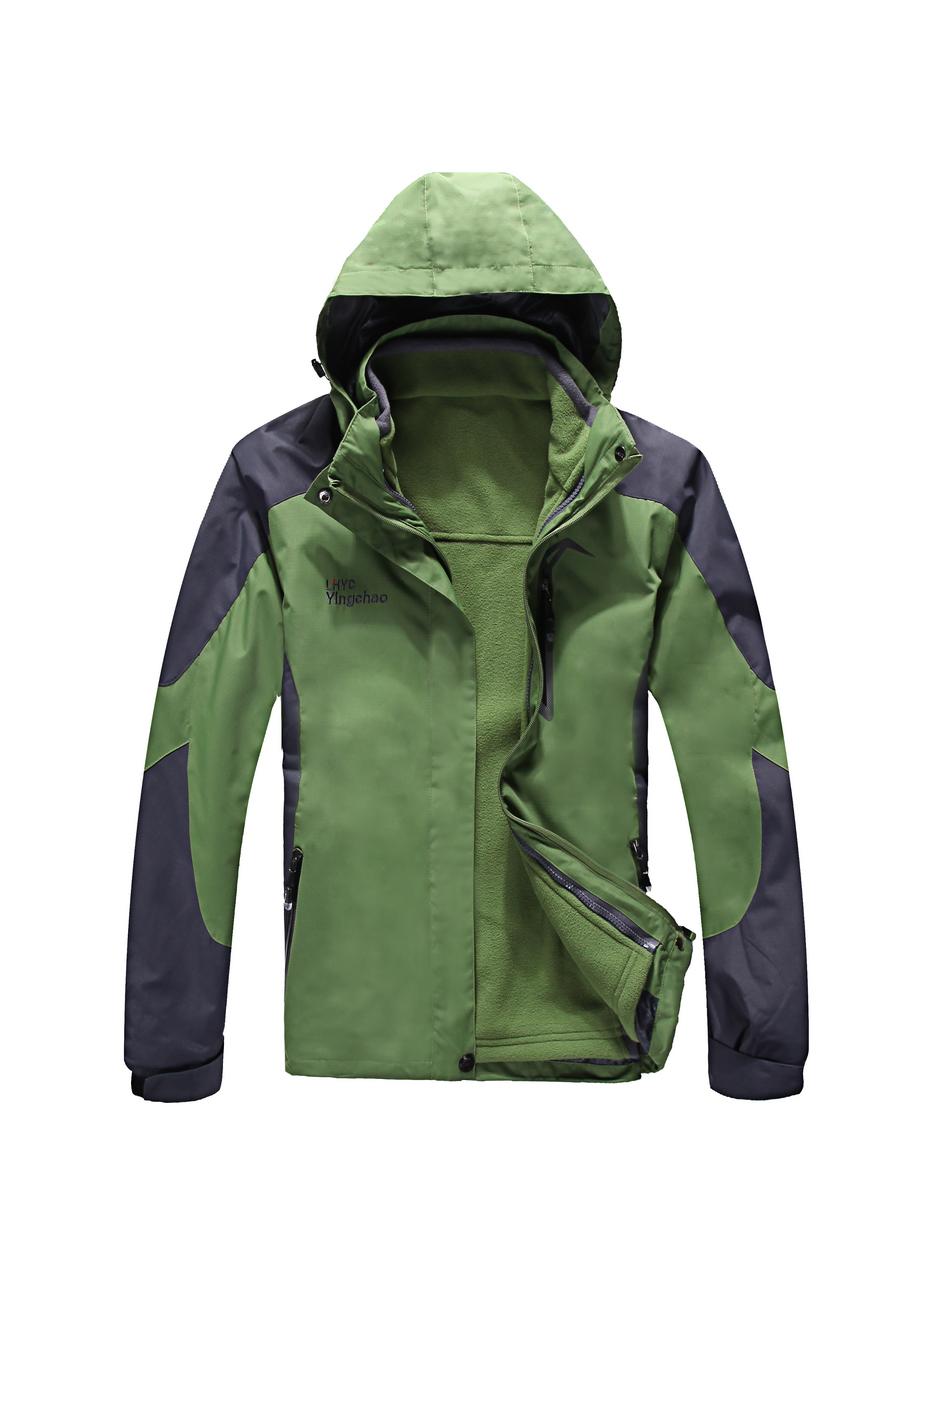 冬季保暖冲锋衣工作服男女加绒加厚户外情侣款防风防水--草绿色-乐好英超